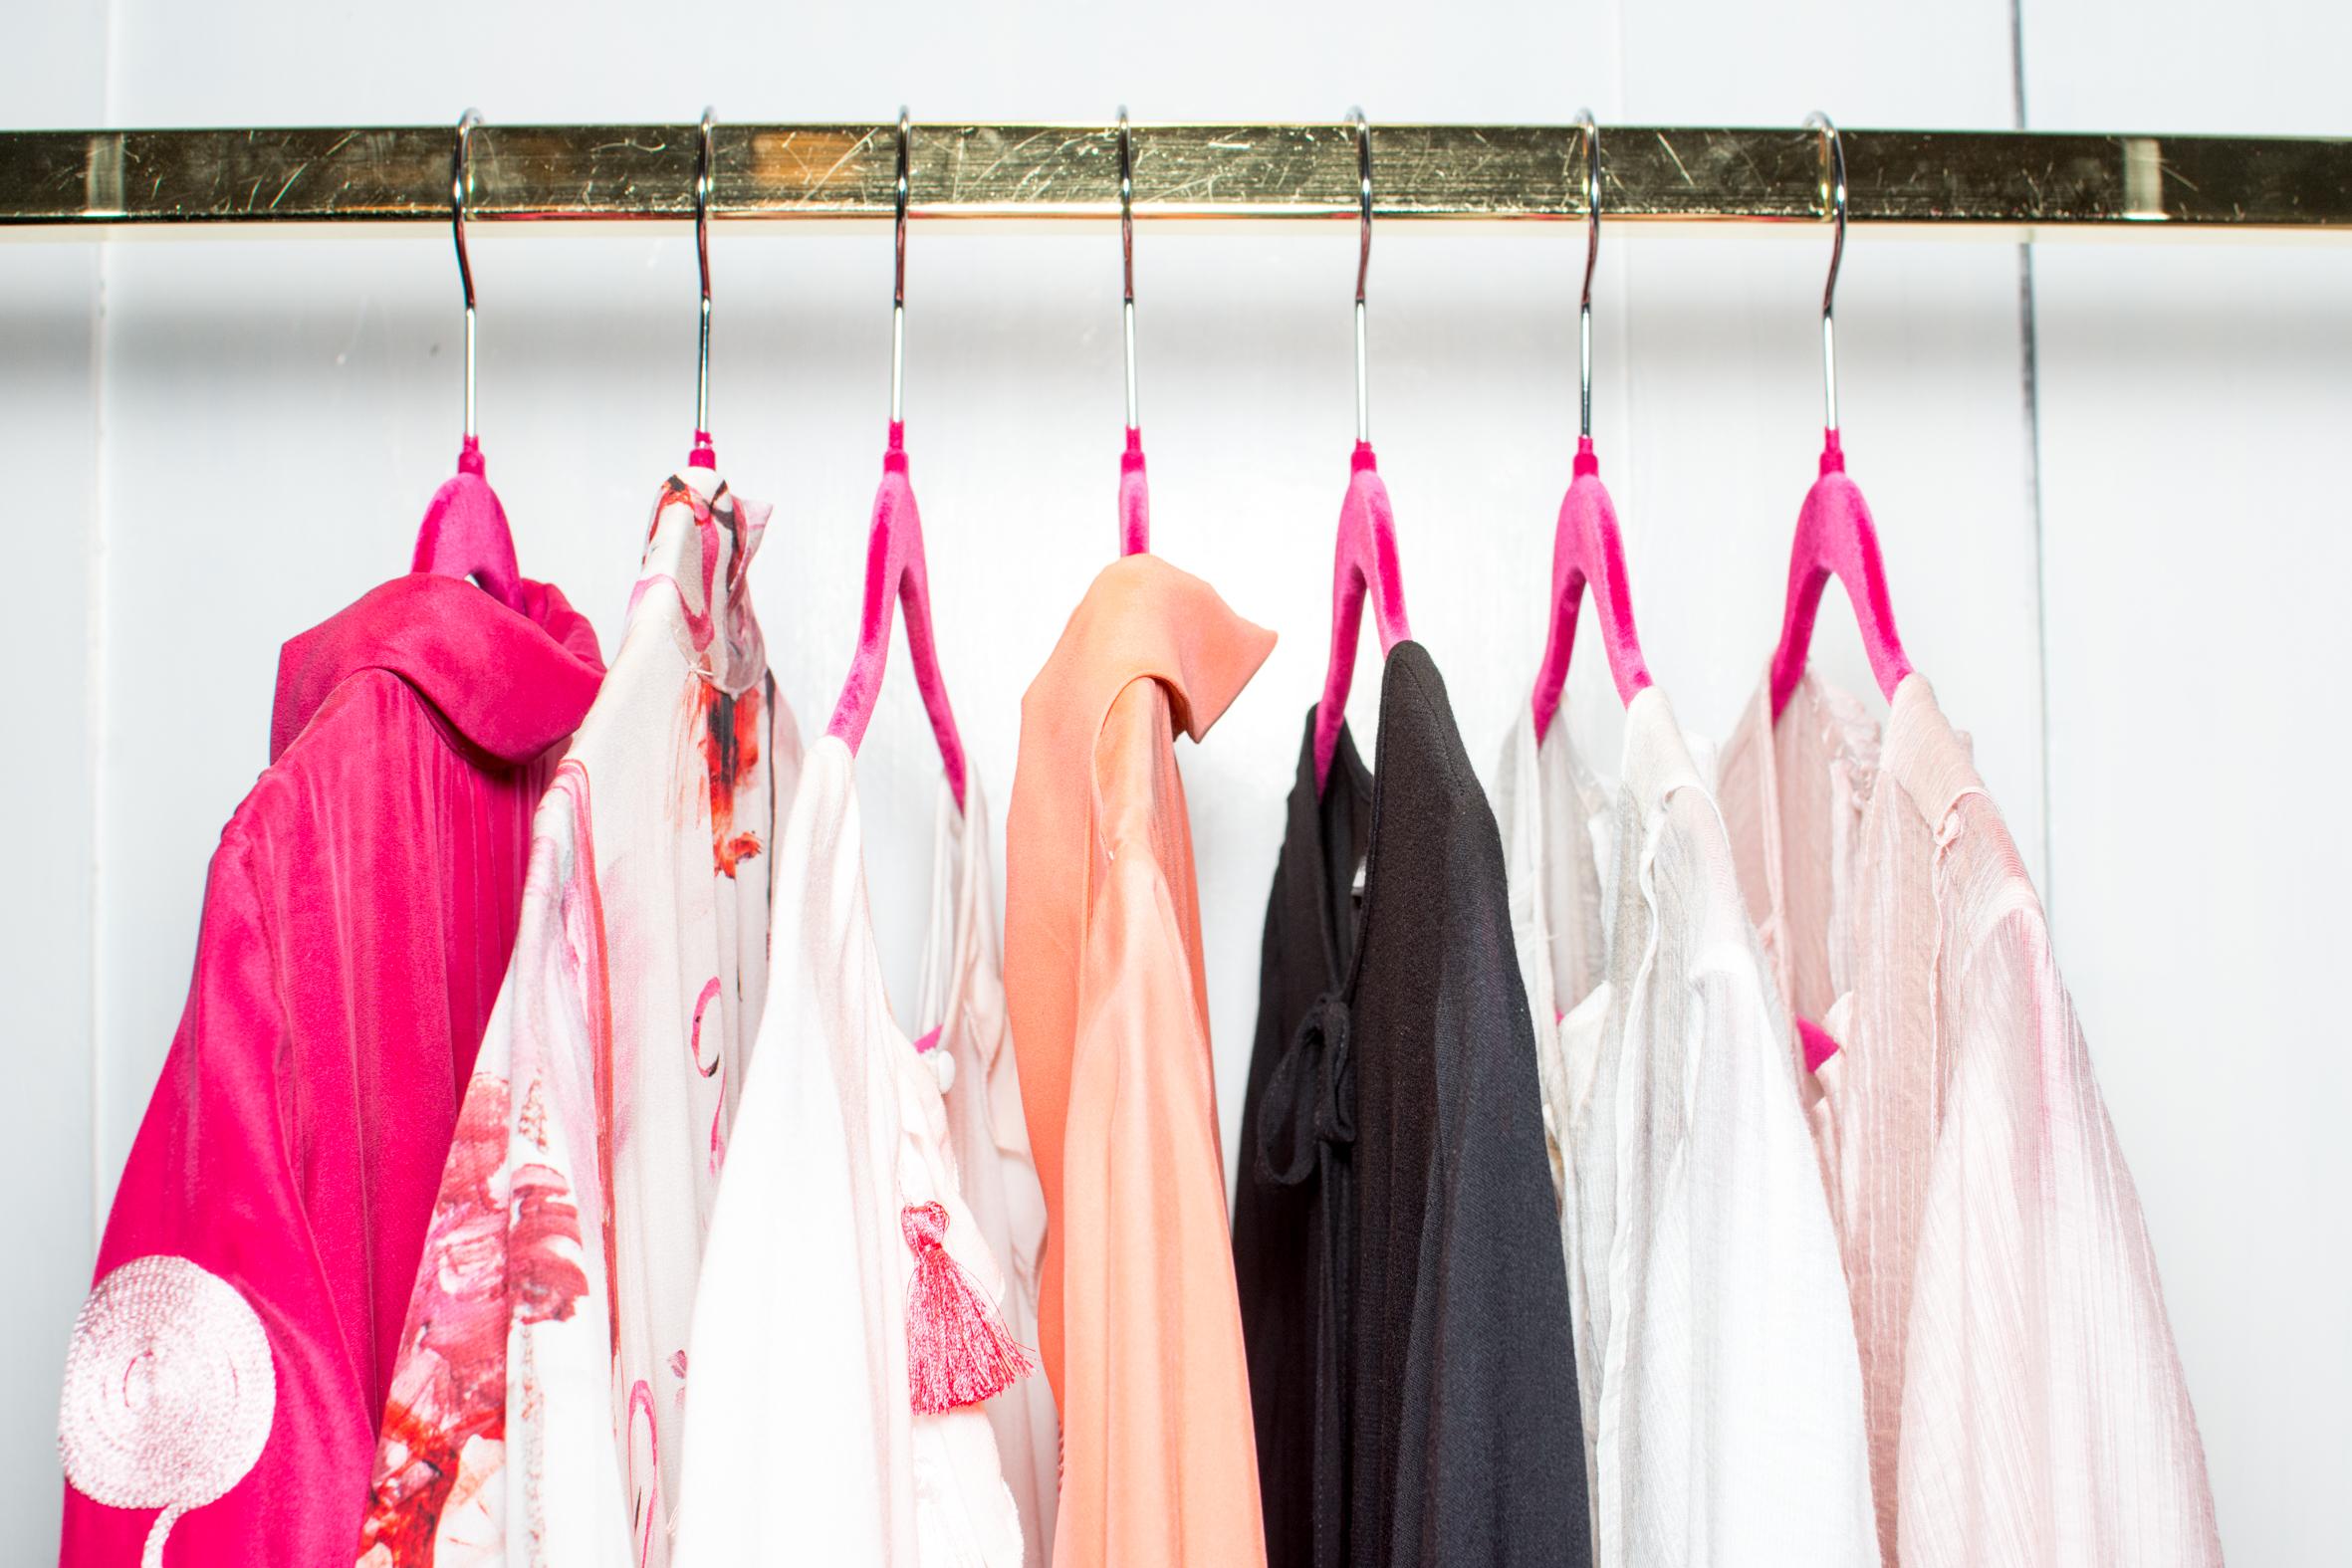 Kjoler i pastell på rack